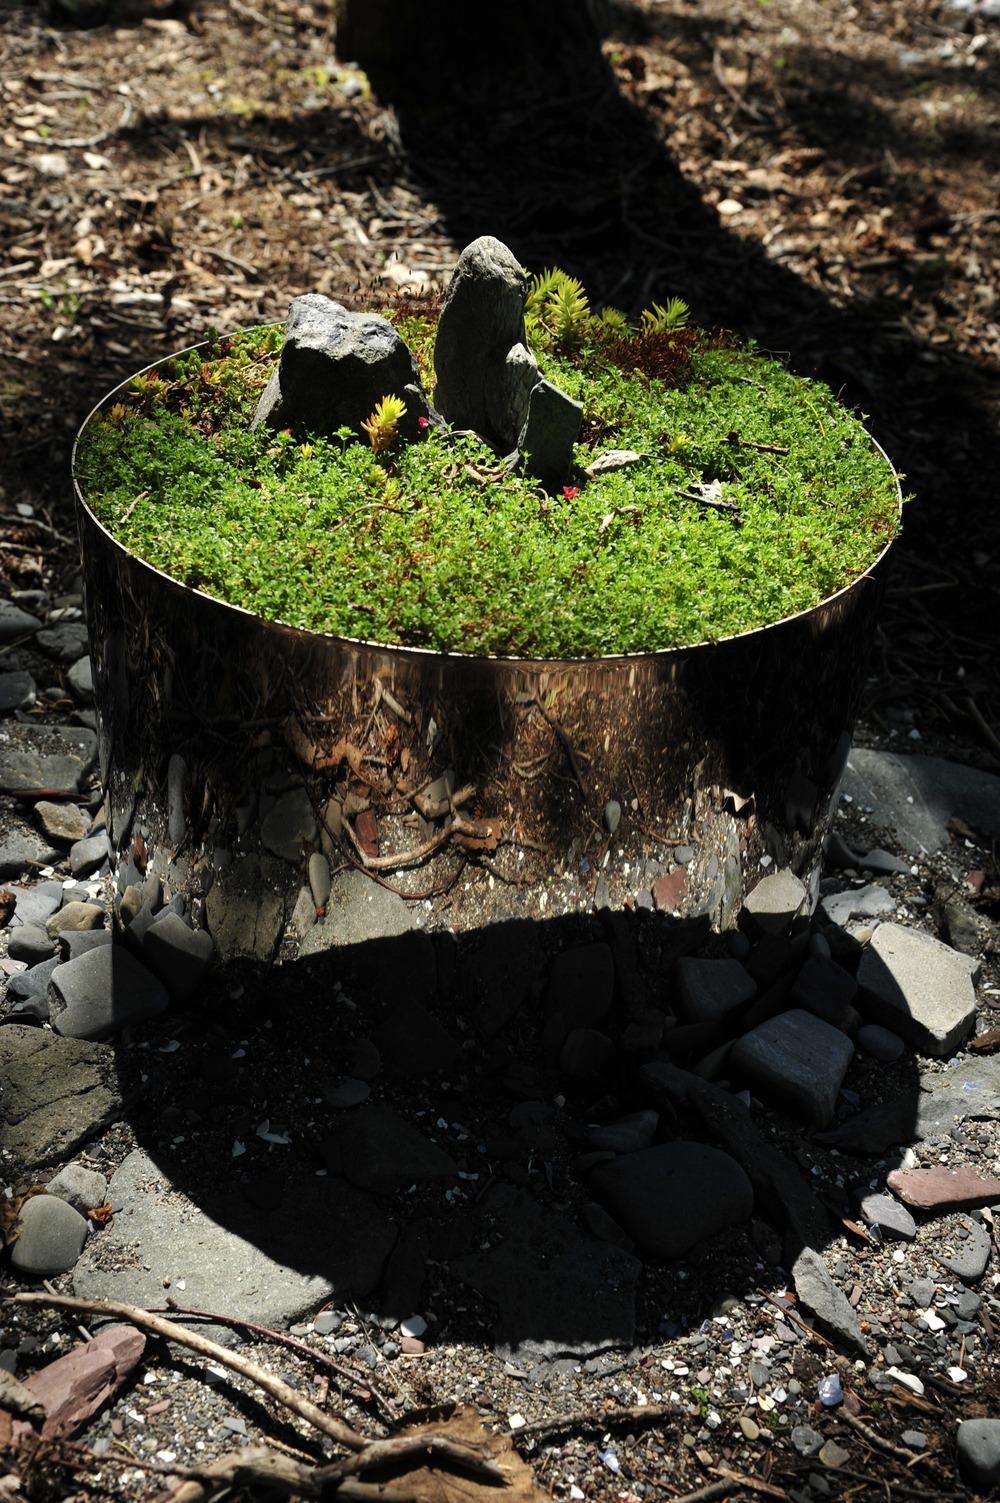 Photo par Sylvain Legris fournie par le Festival international de jardins des Jardins de Métis, via v2com.